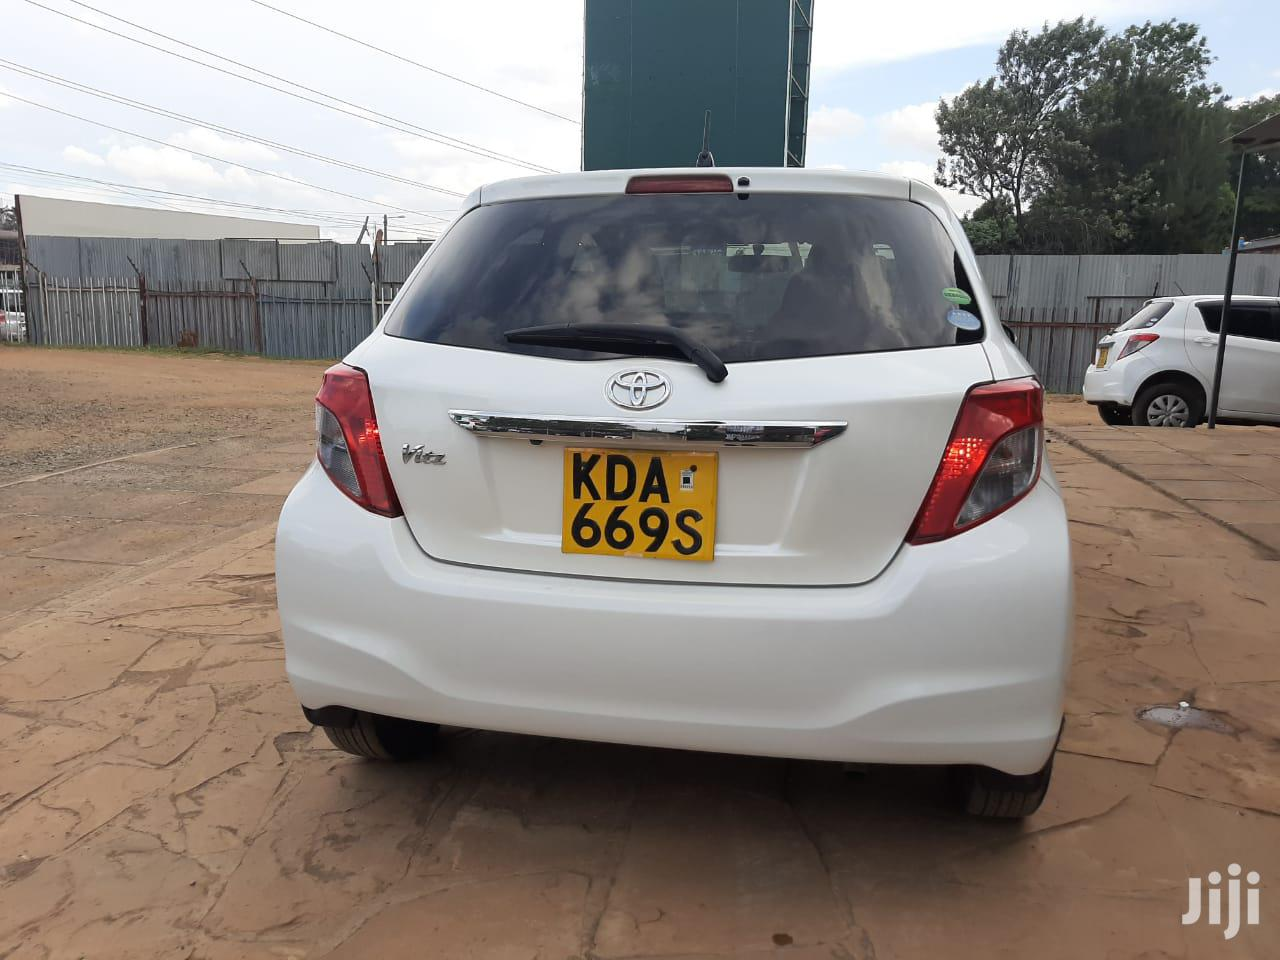 Toyota Vitz 2013 White | Cars for sale in Township E, Kiambu, Kenya